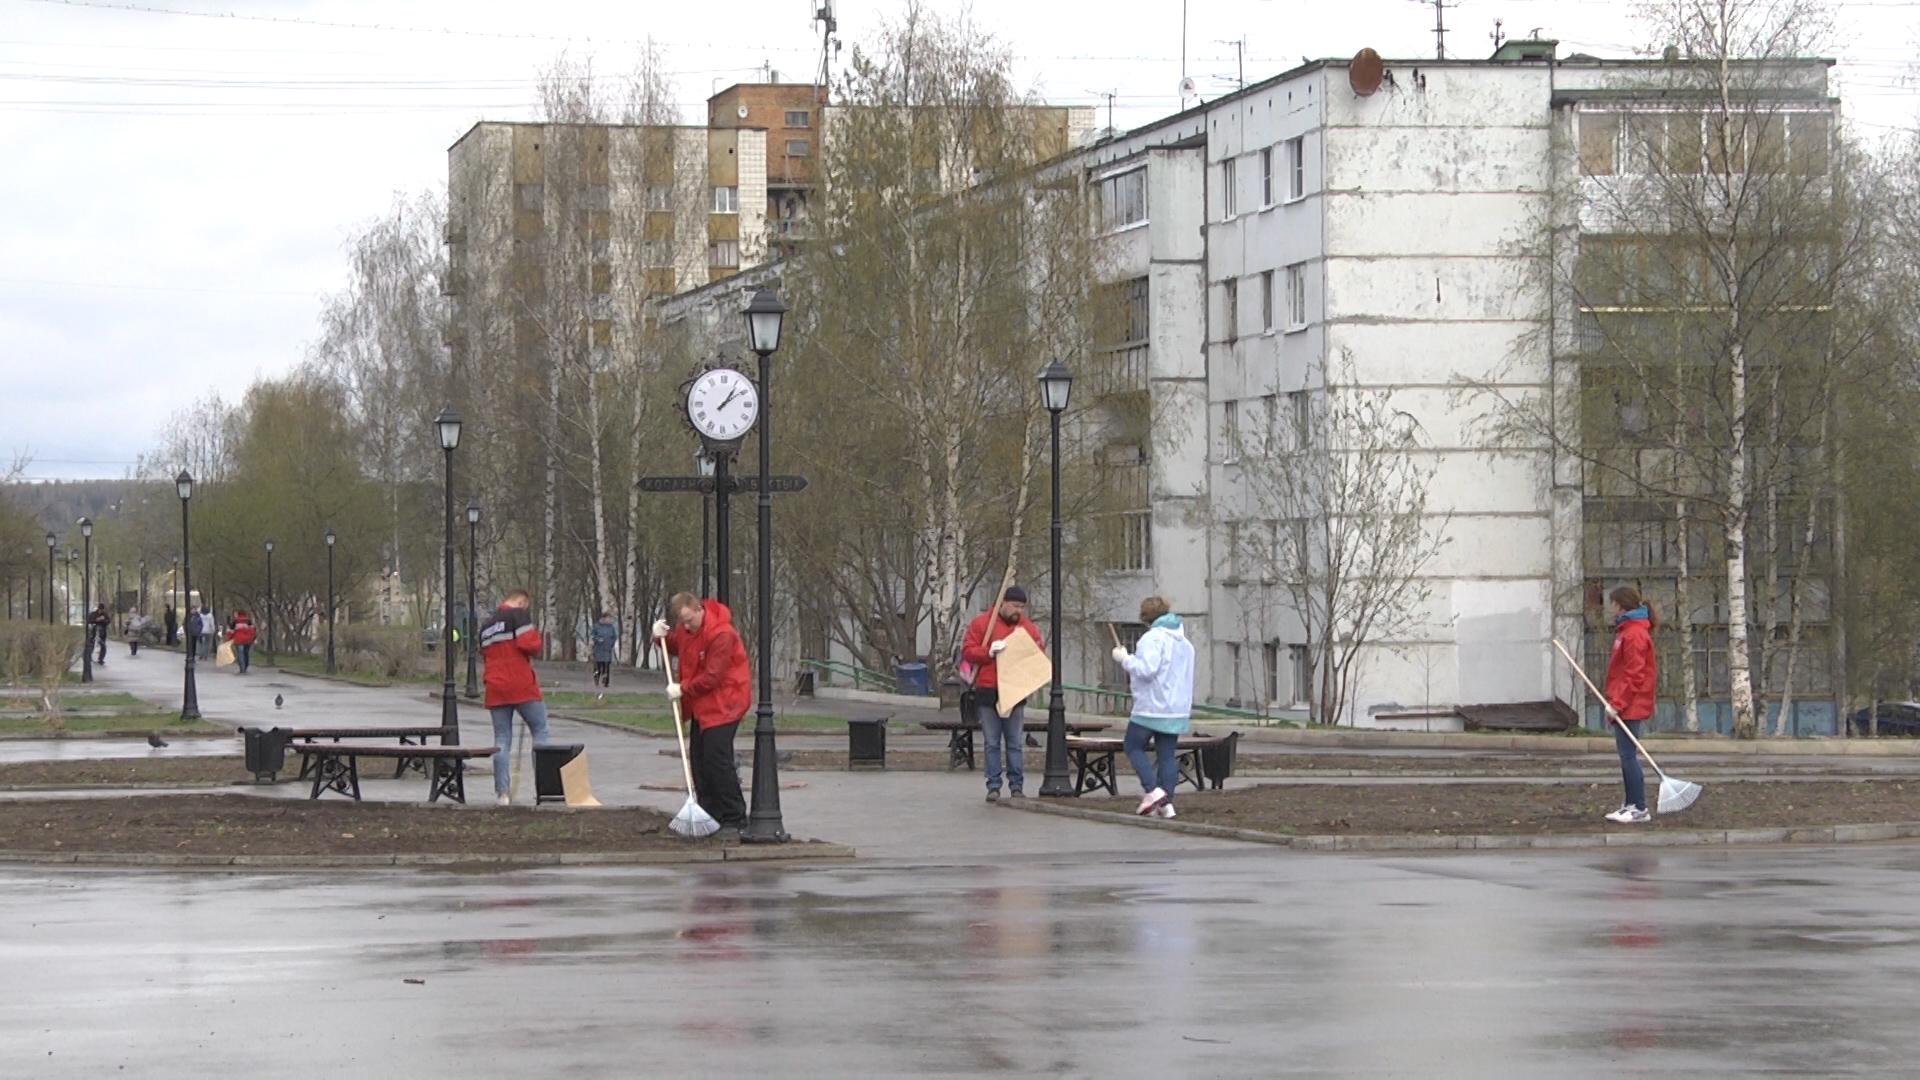 Subbotnik-LUKOIL.00_01_16_21.Still009.jpg